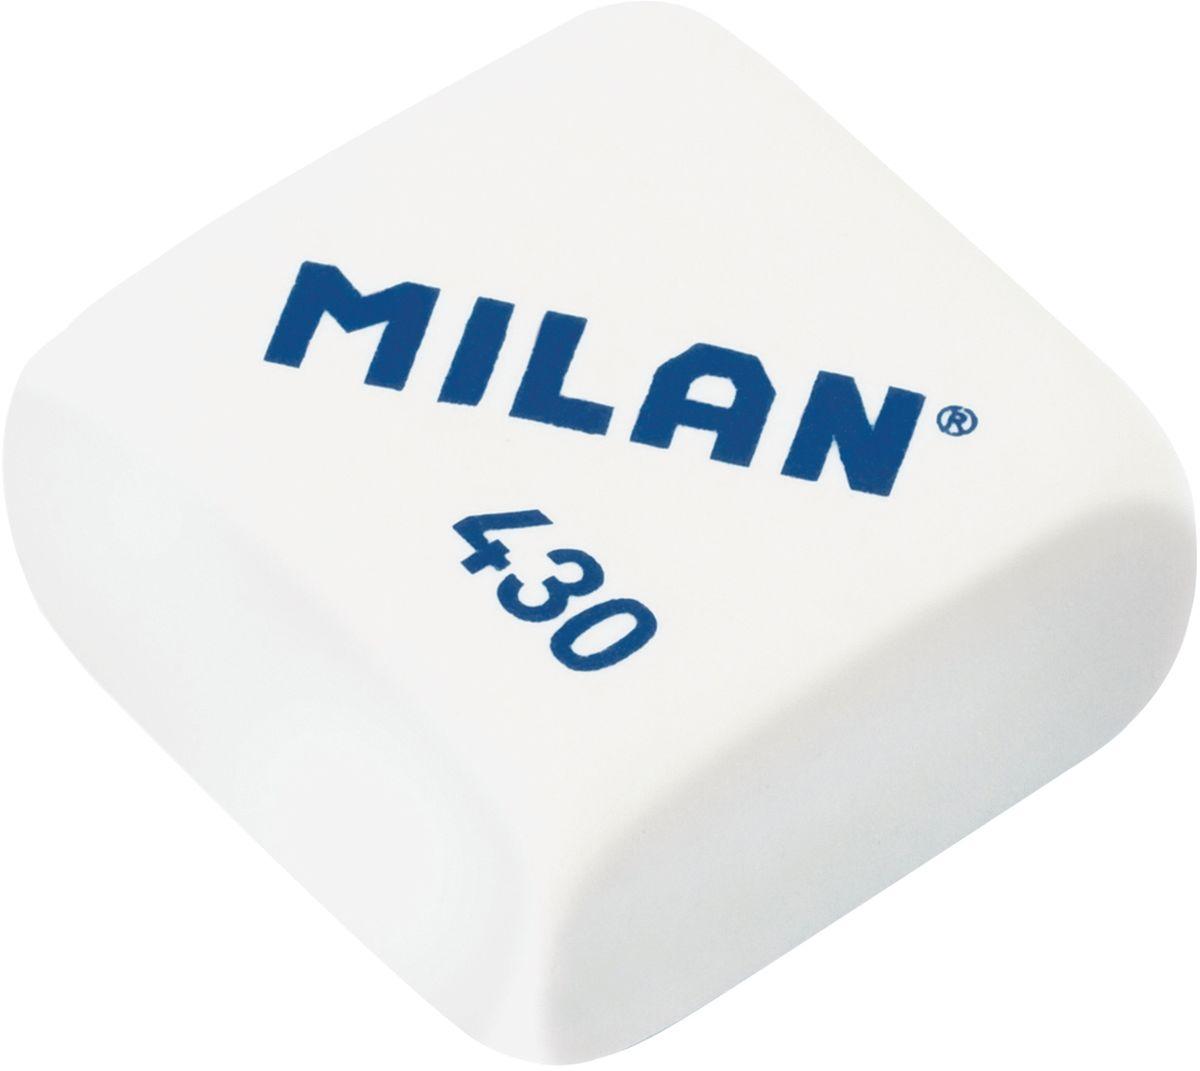 Milan Ластик 430 цвет белыйCMM430Качественный мягкий ластик Milan предназначен для работы с мягкими карандашами. Имеет классическую квадратную форму.